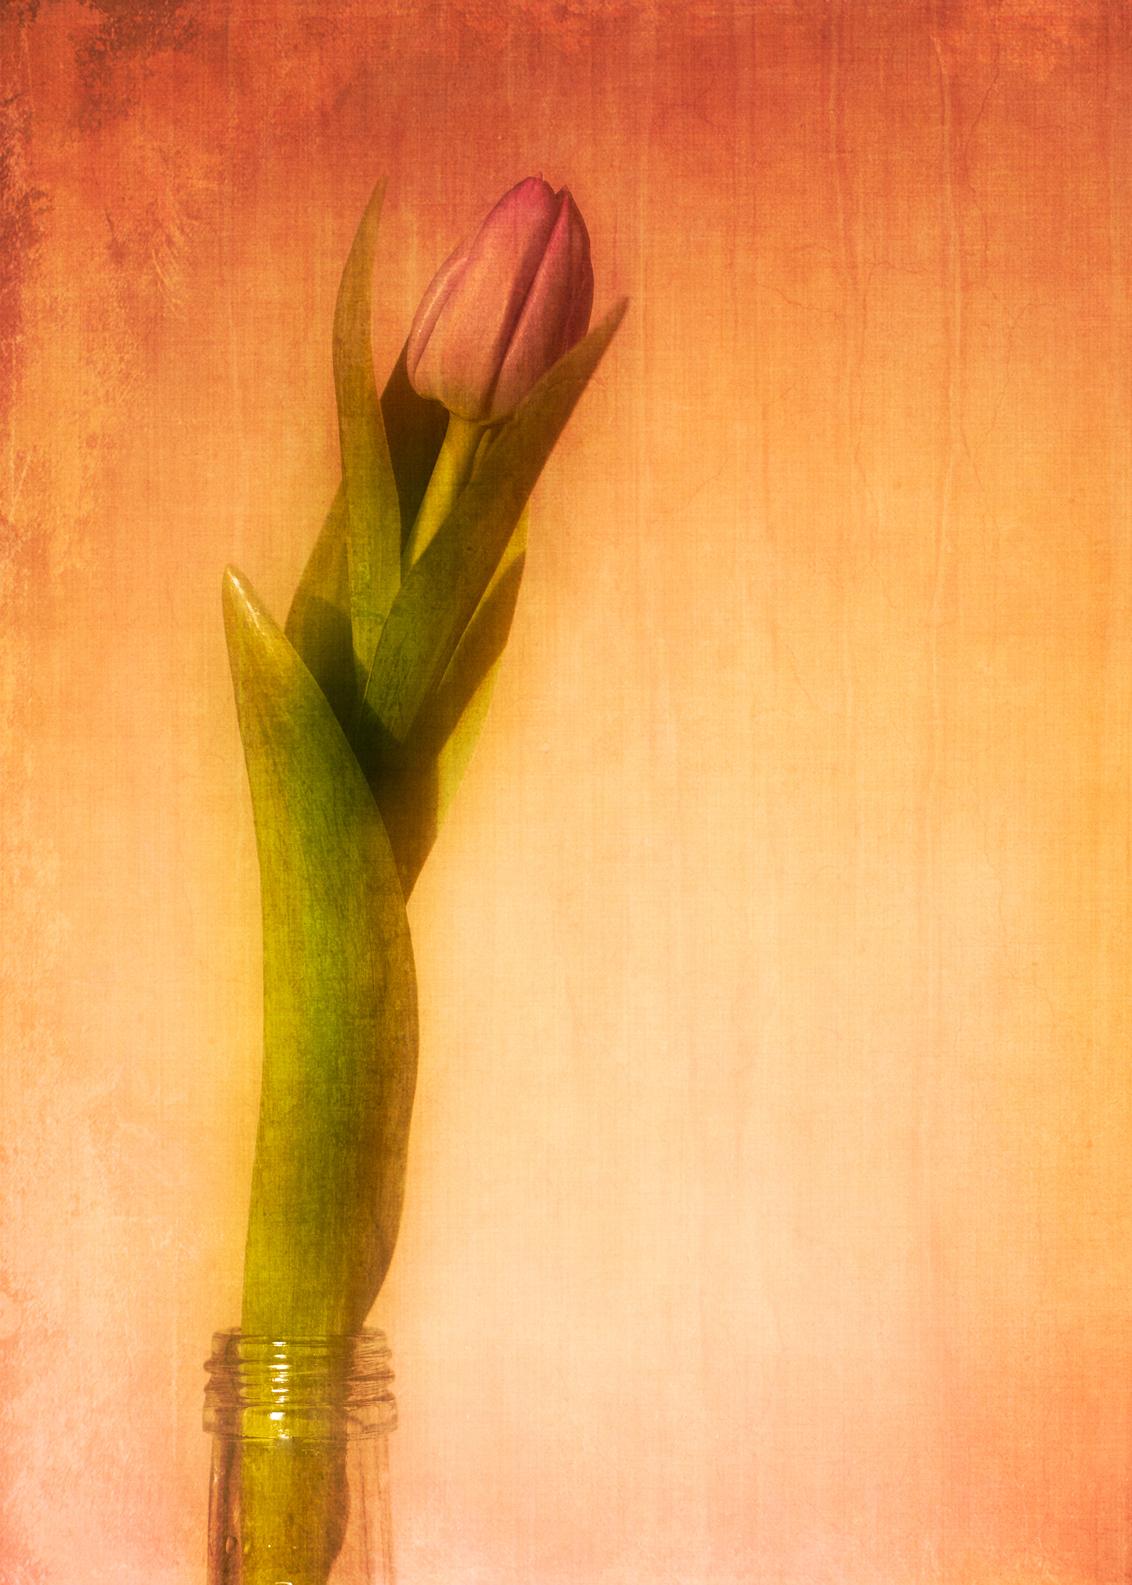 tulp - - - foto door fotostad op 03-03-2021 - deze foto bevat: bloem, lente, natuur, tulp, structuur, fantasie, schilderij, vintage, bewerking, sfeer, photoshop, creatief, textuur, tonemapping, bokeh, bewerkingsuitdaging, meervoudige belichting